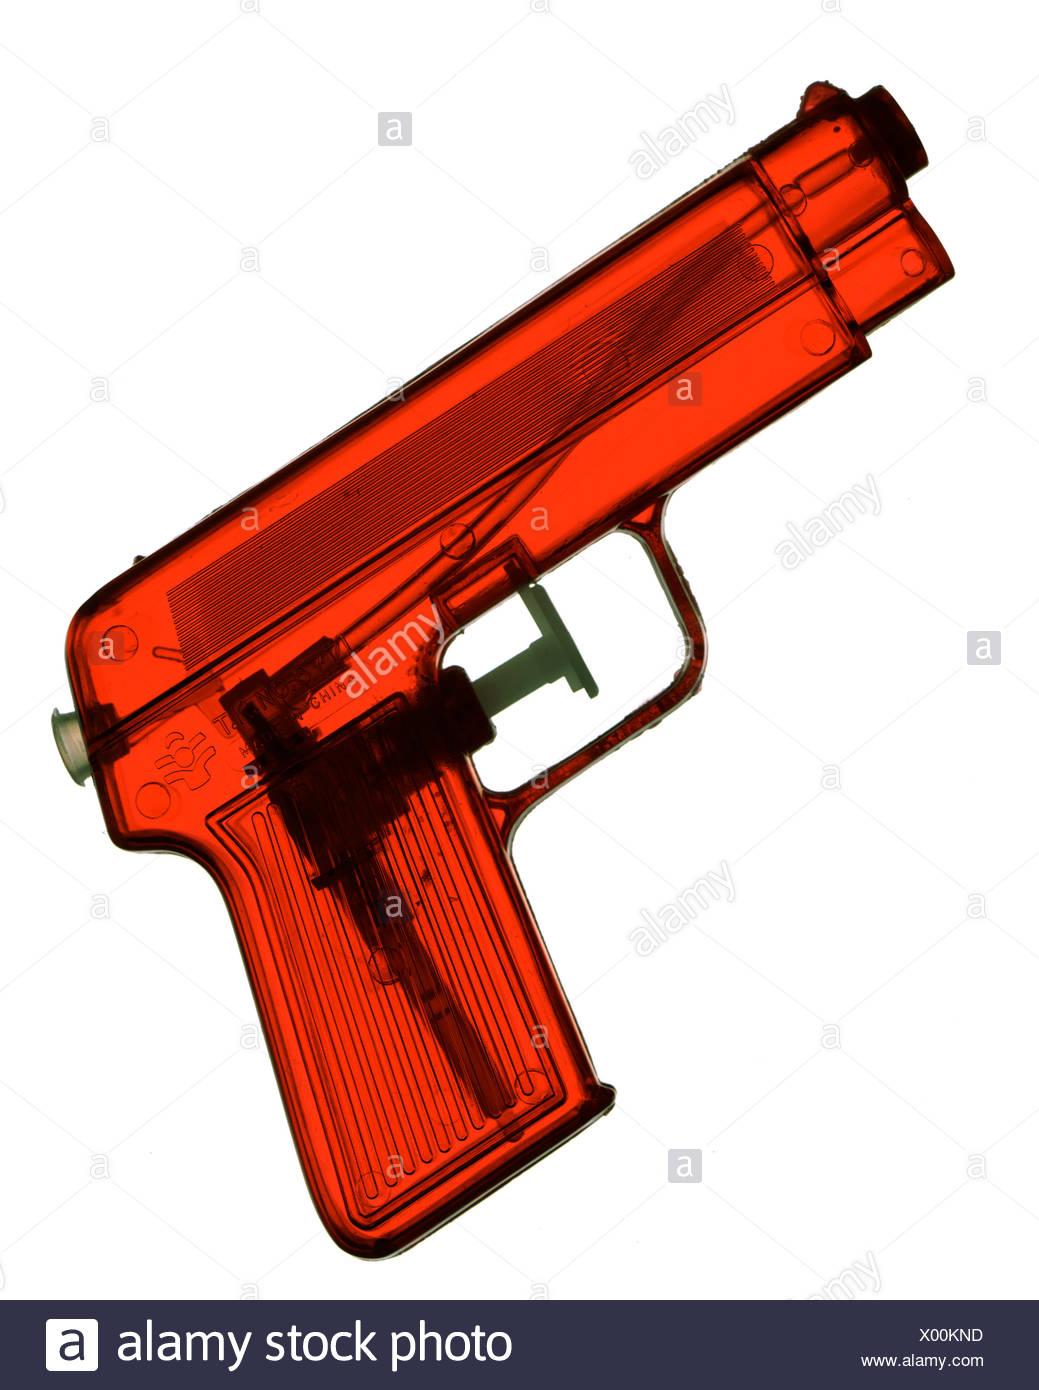 Red, transparent water gun - Stock Image